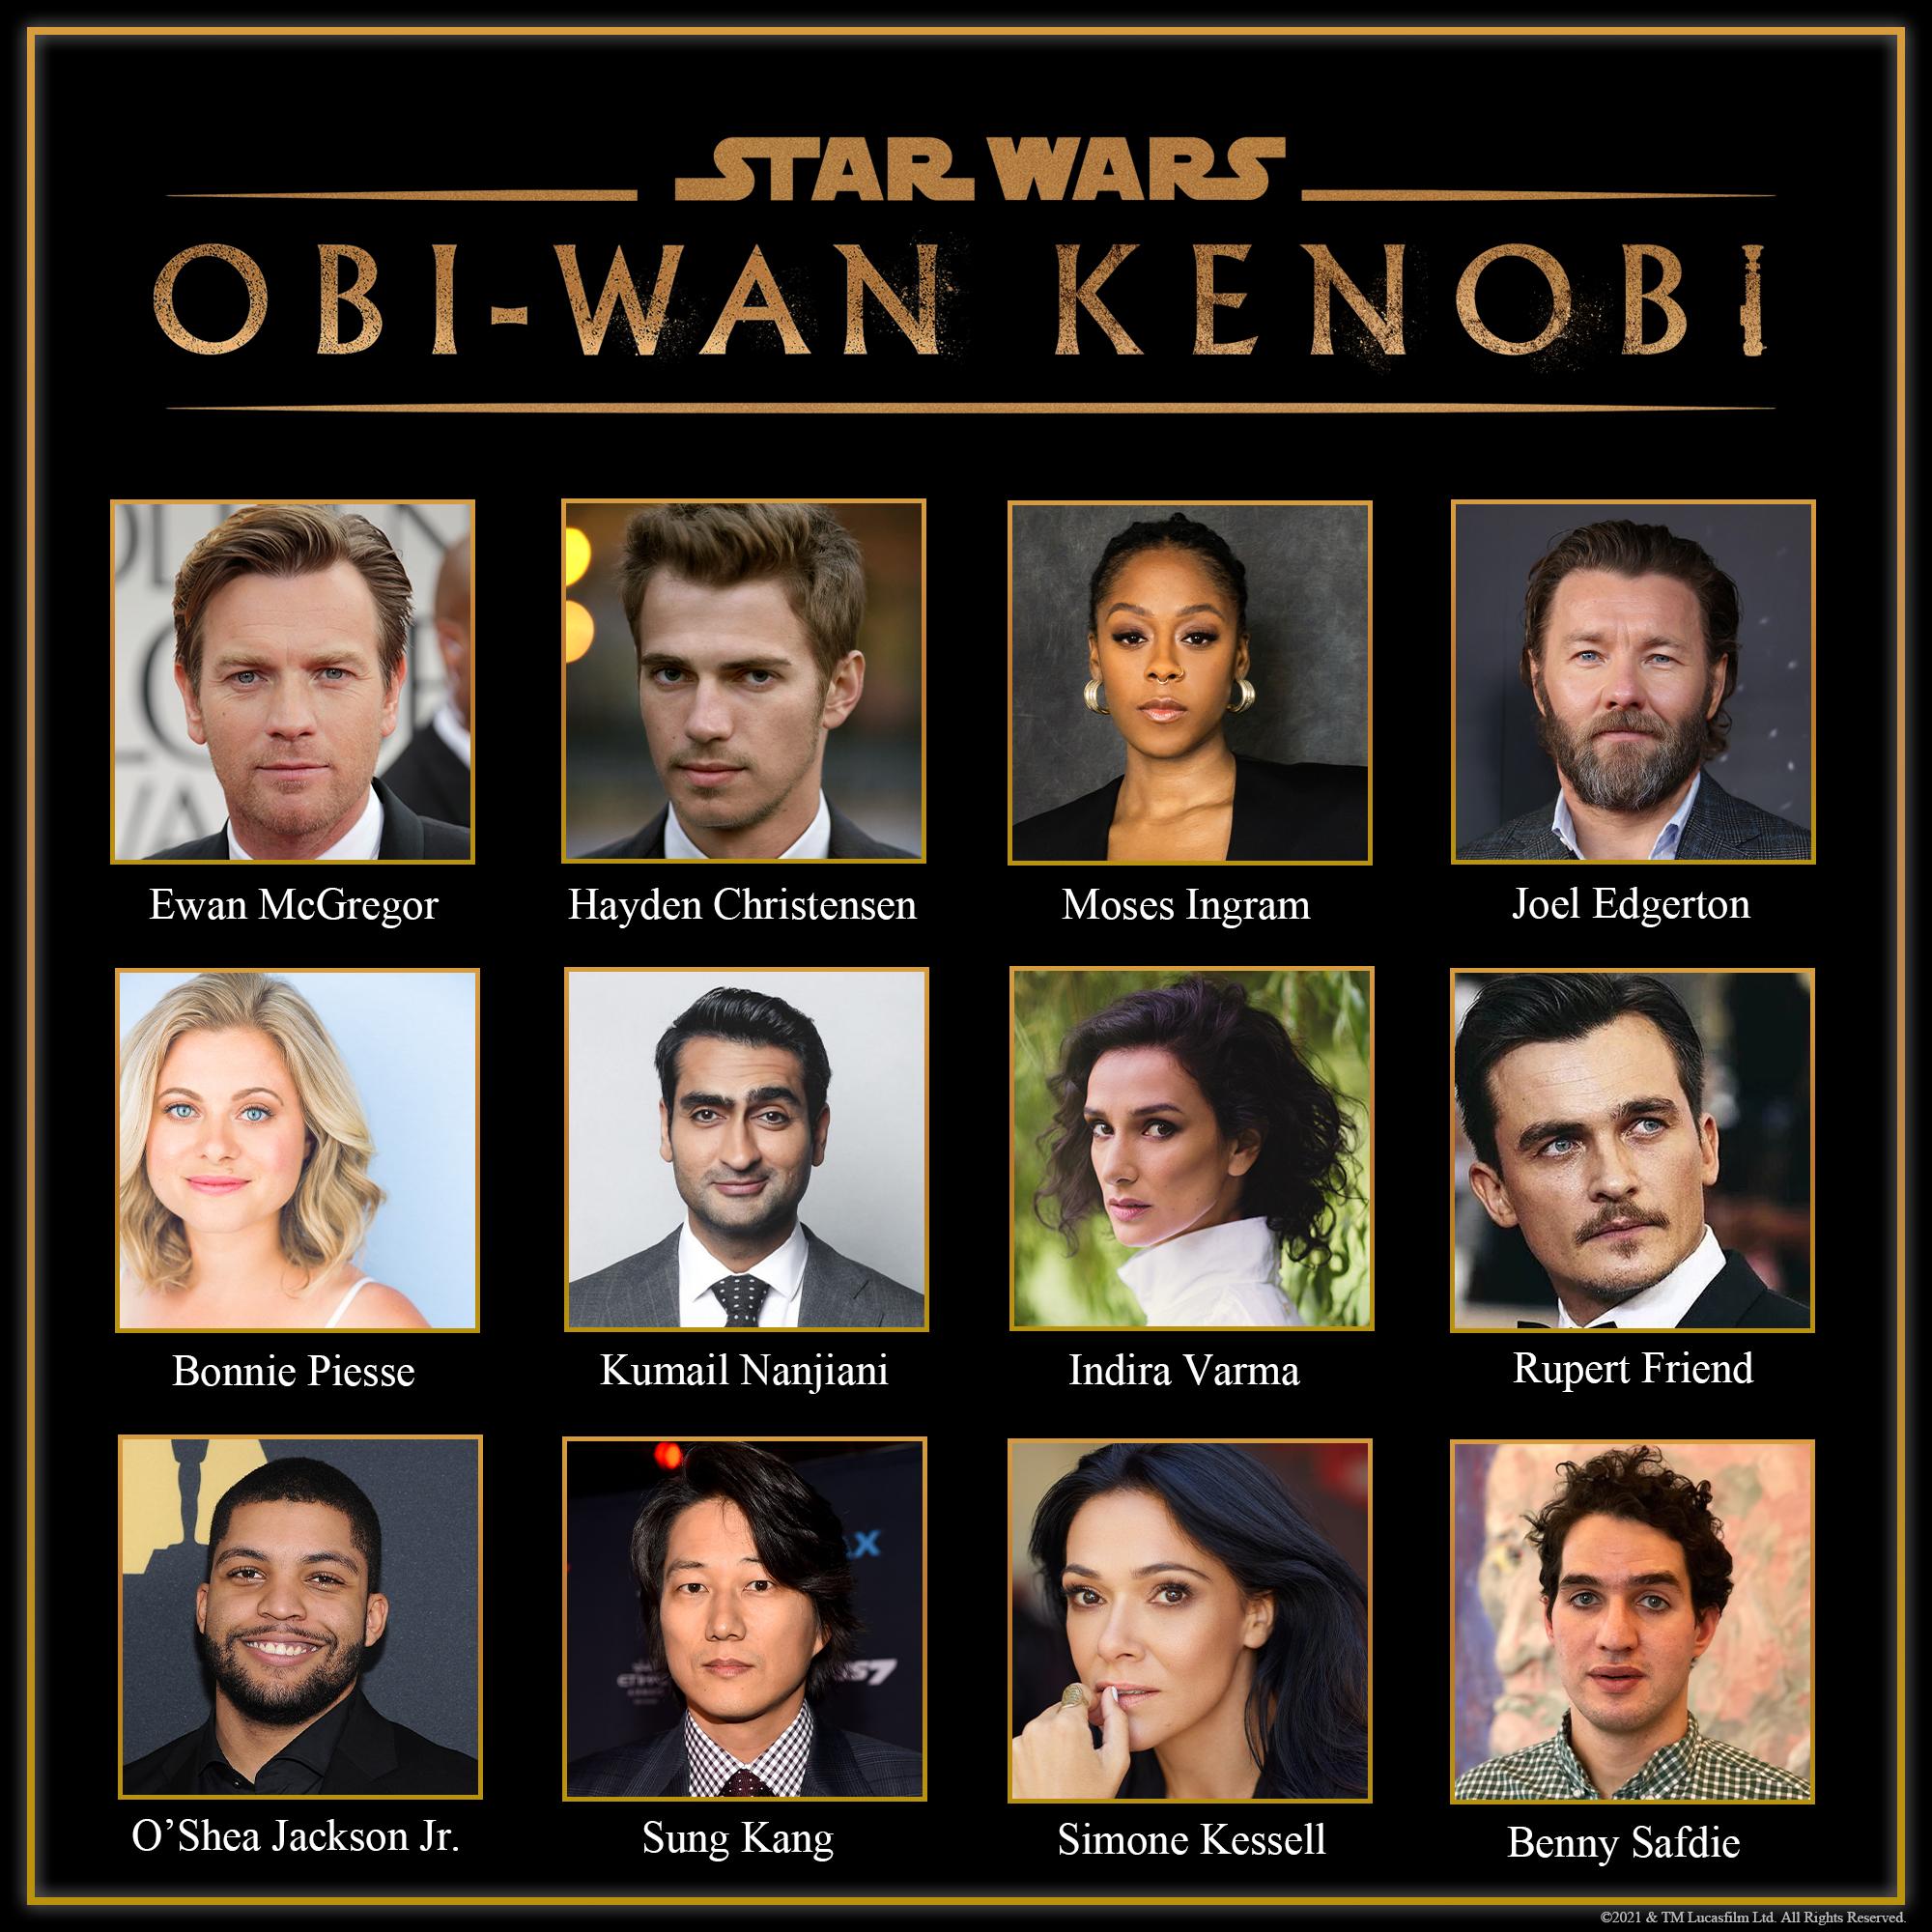 Obi-Wan-Kenobi-Casting-Announce